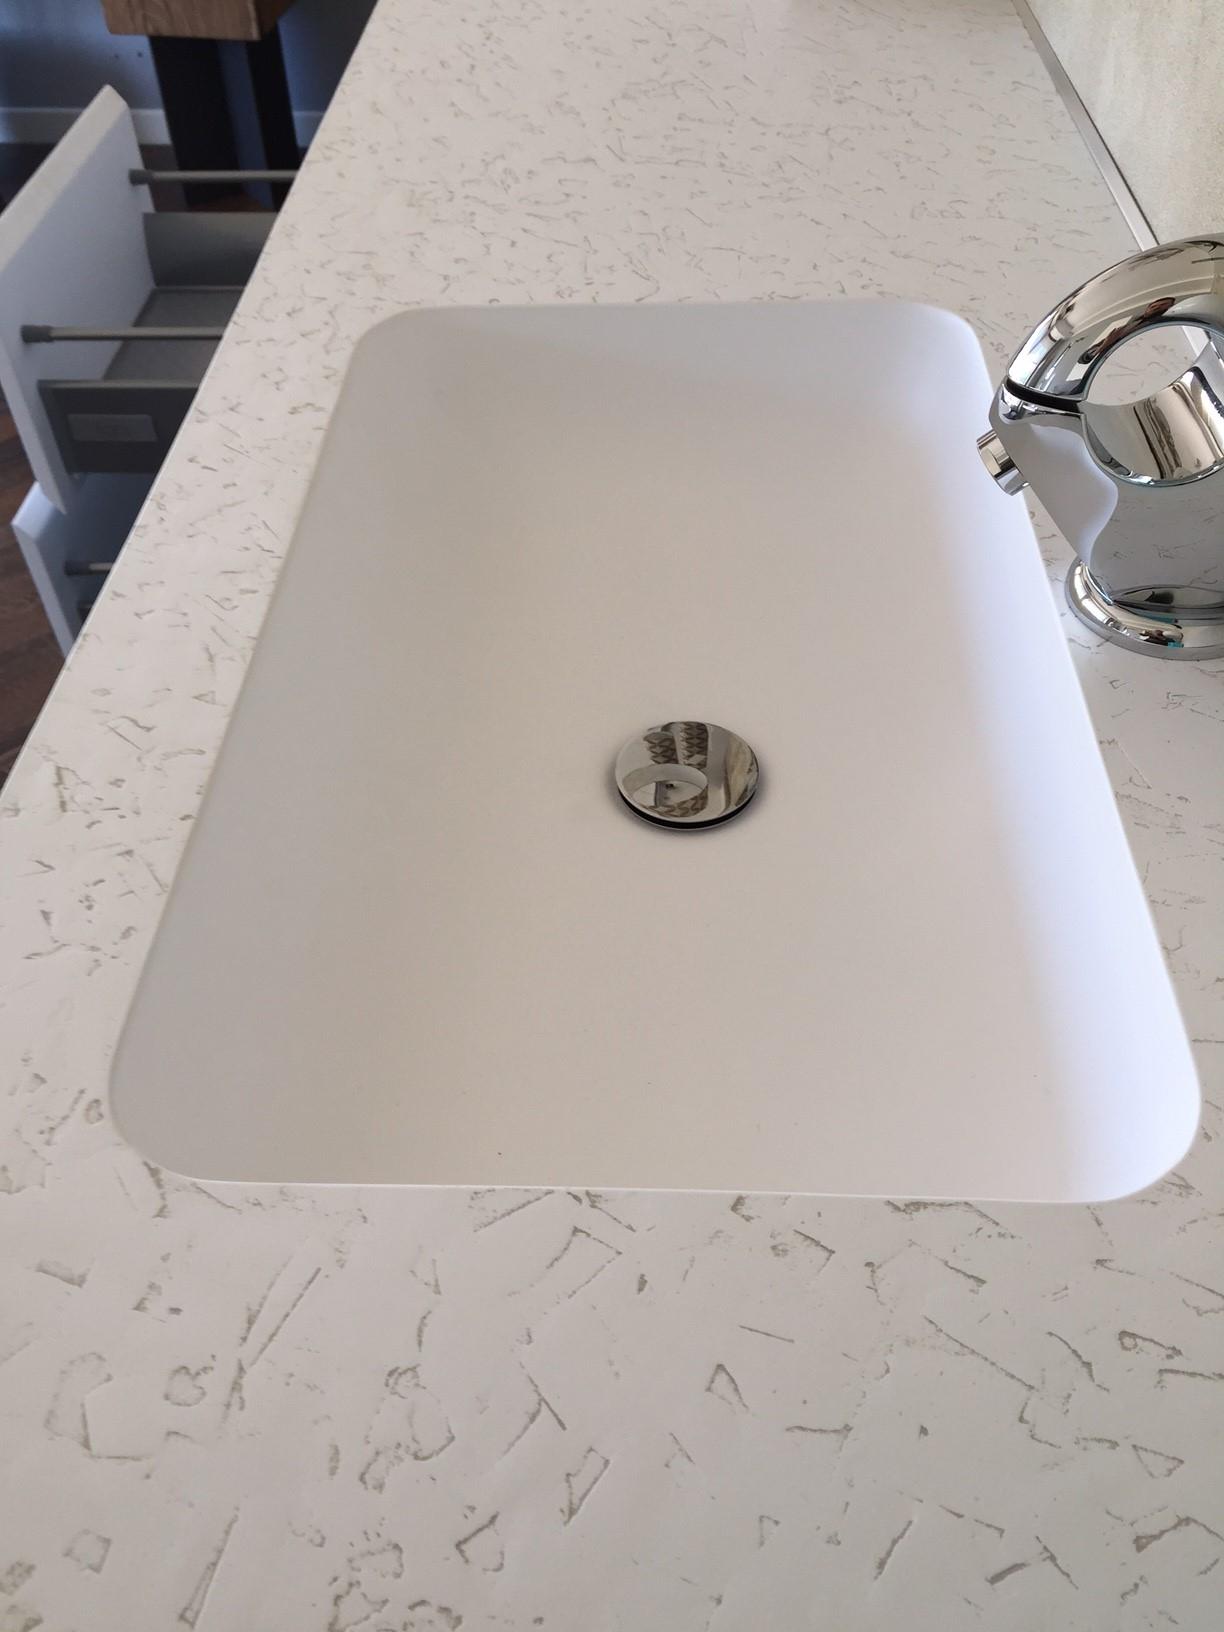 composizione fiora making con lavabo integrato, specchio e faretto ... - Fiora Arredo Bagno